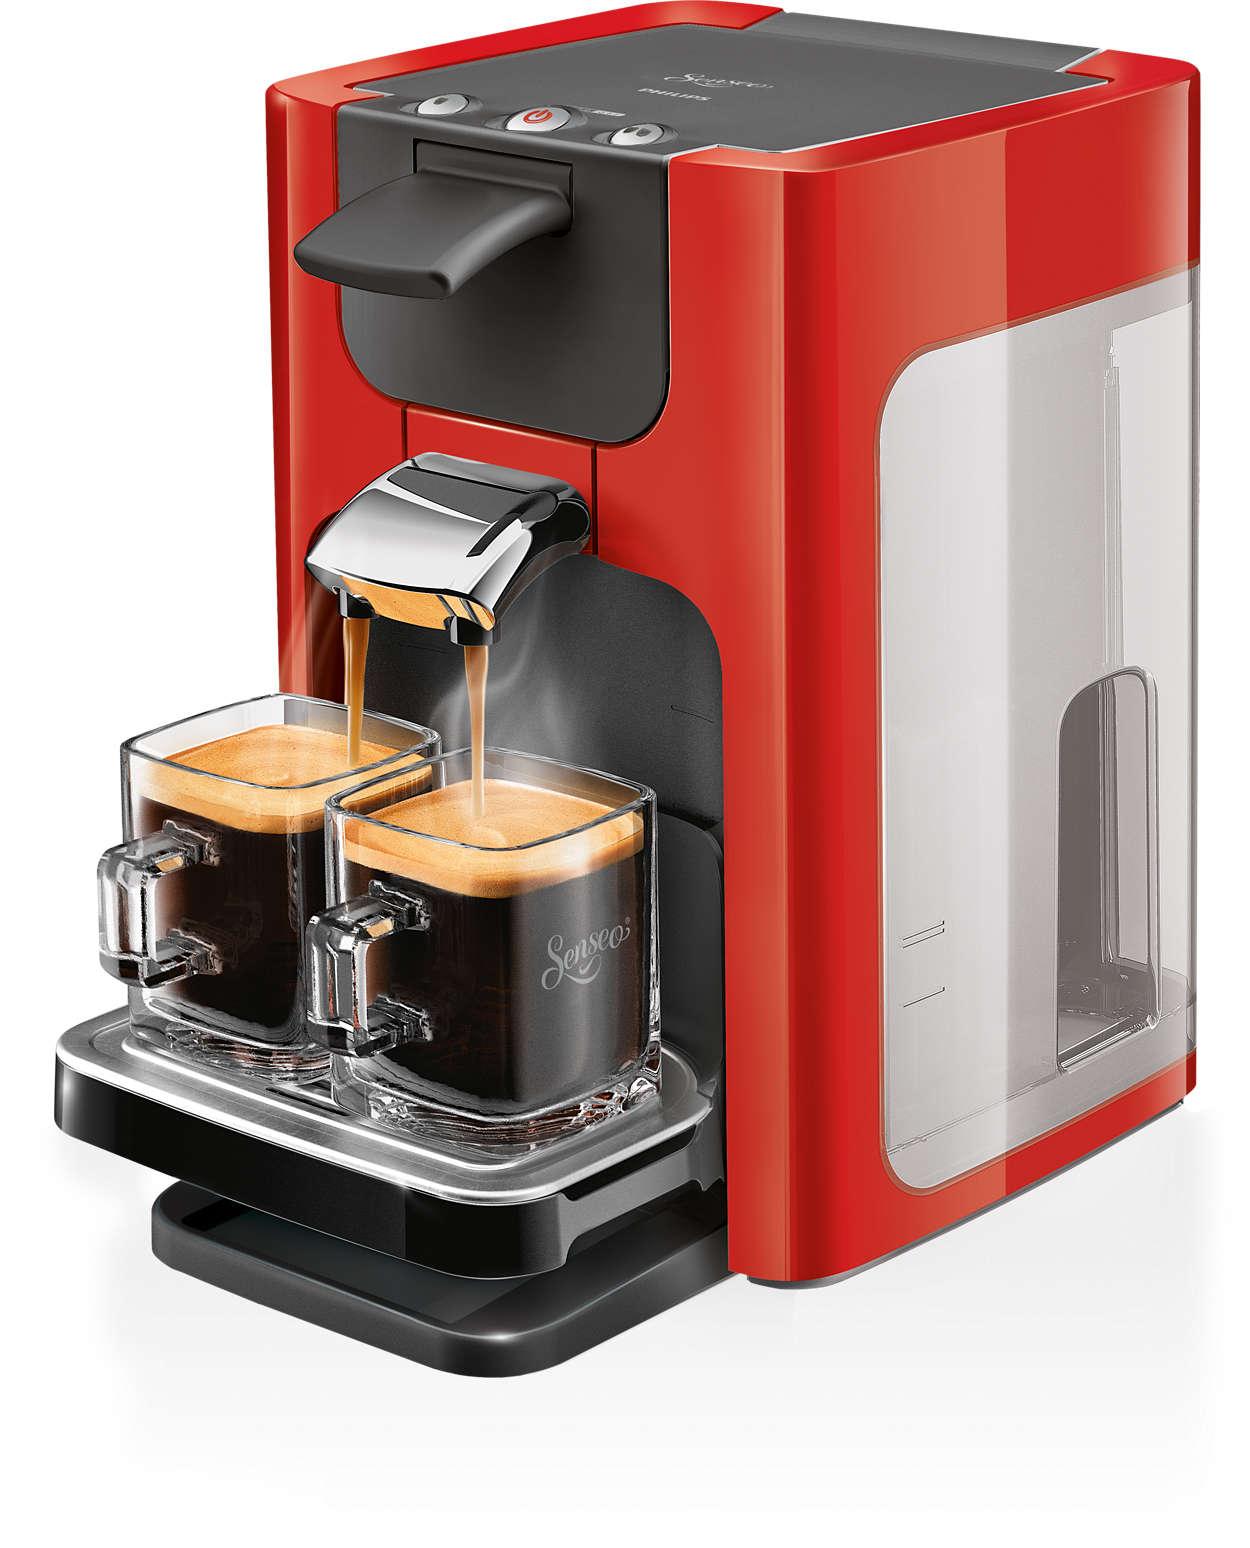 Un café delicioso con un solo toque y un diseño moderno